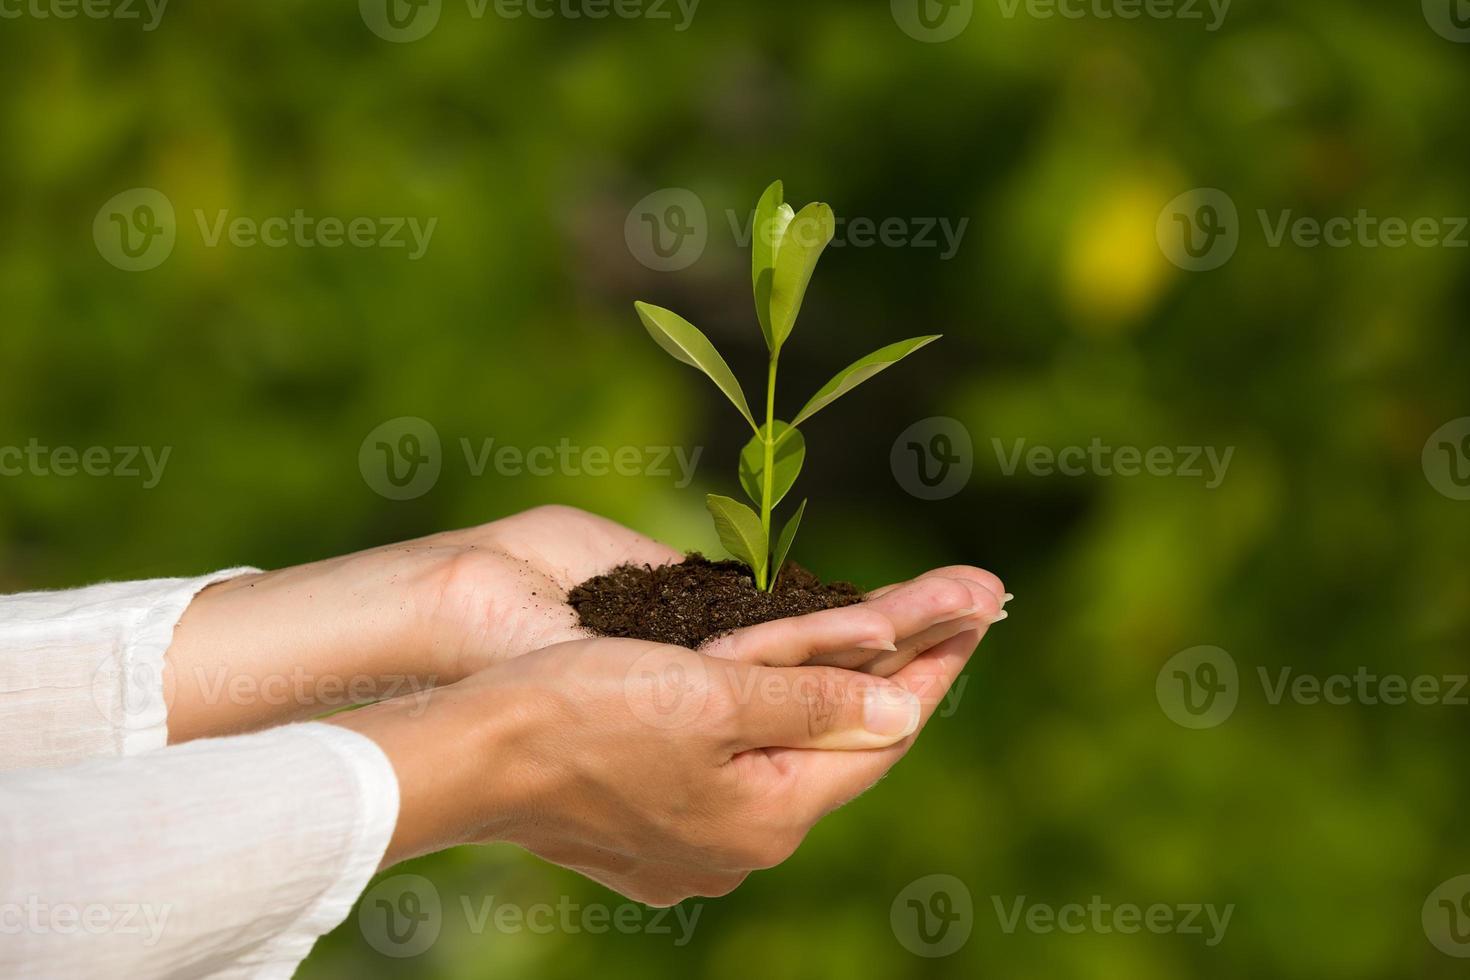 segurando uma planta verde na mão foto